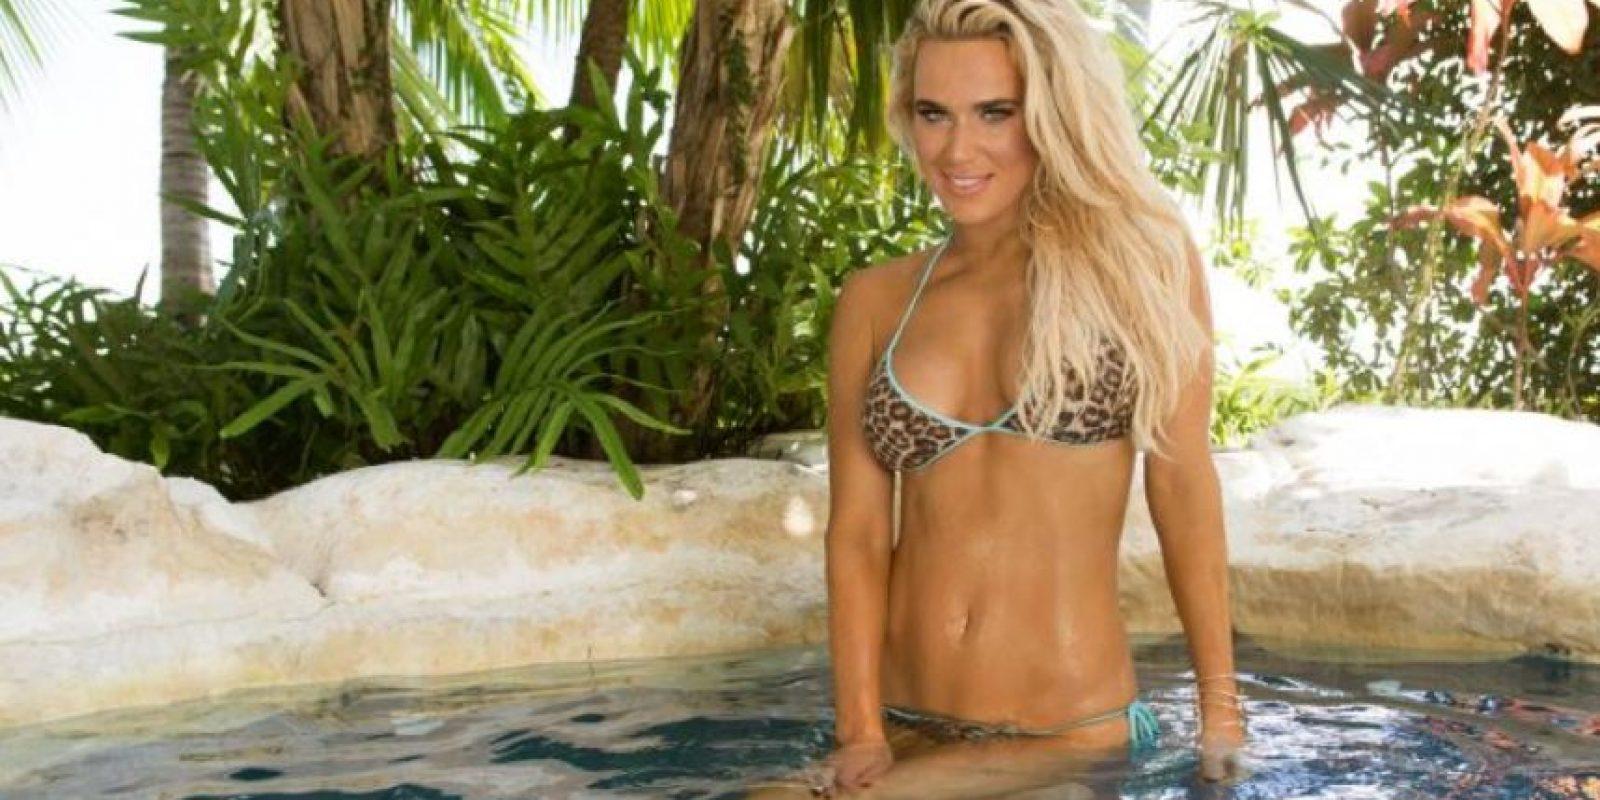 Así fue la sesión de fotos de Lana en Hawái Foto:WWE